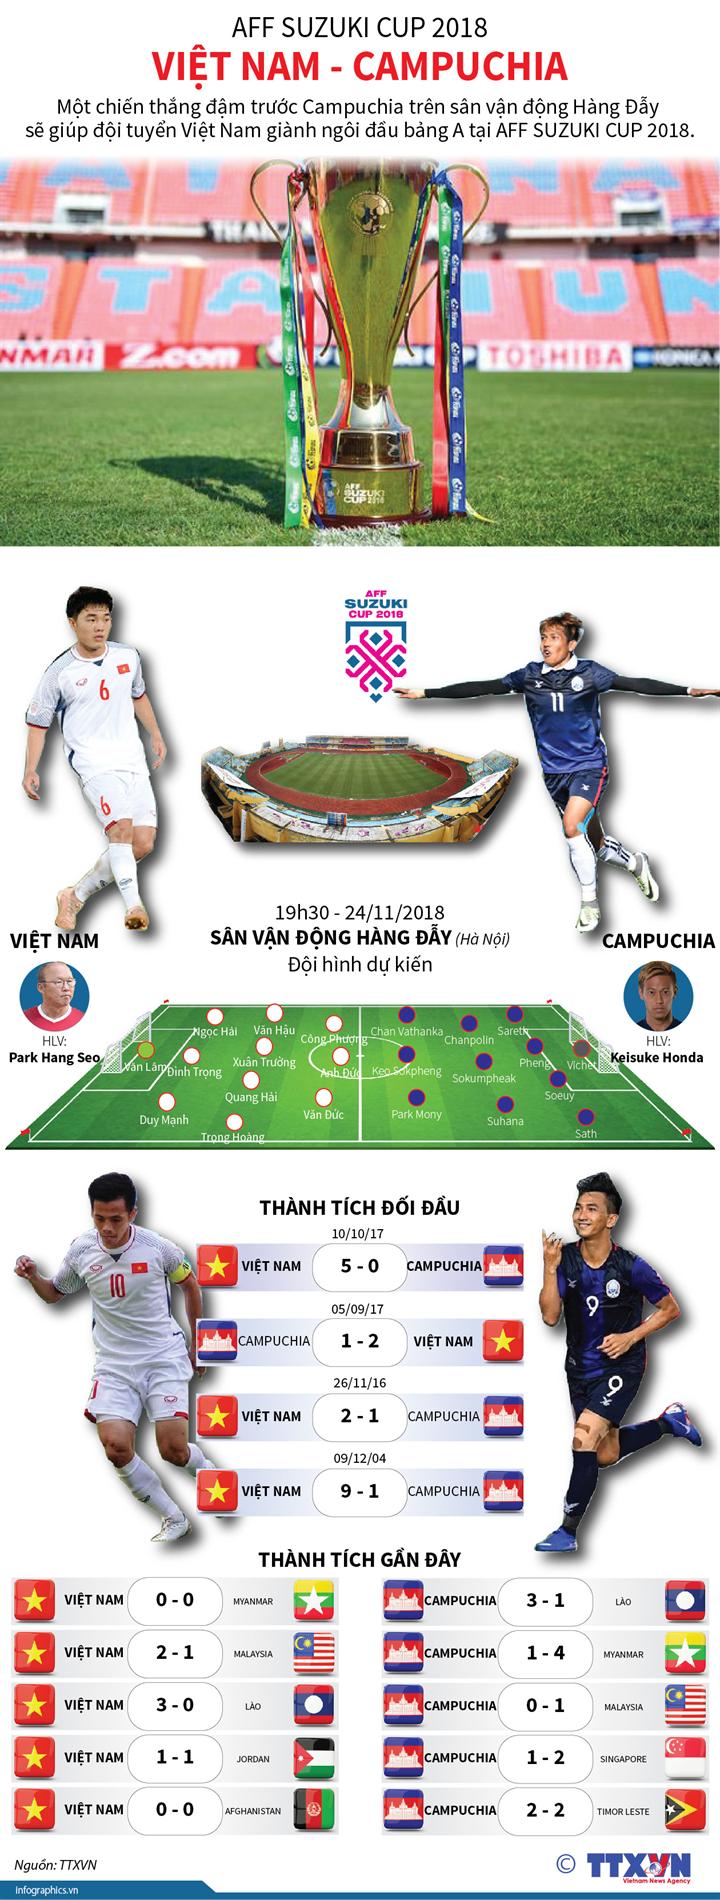 AFF Suzuki Cup 2018: Việt Nam - Campuchia